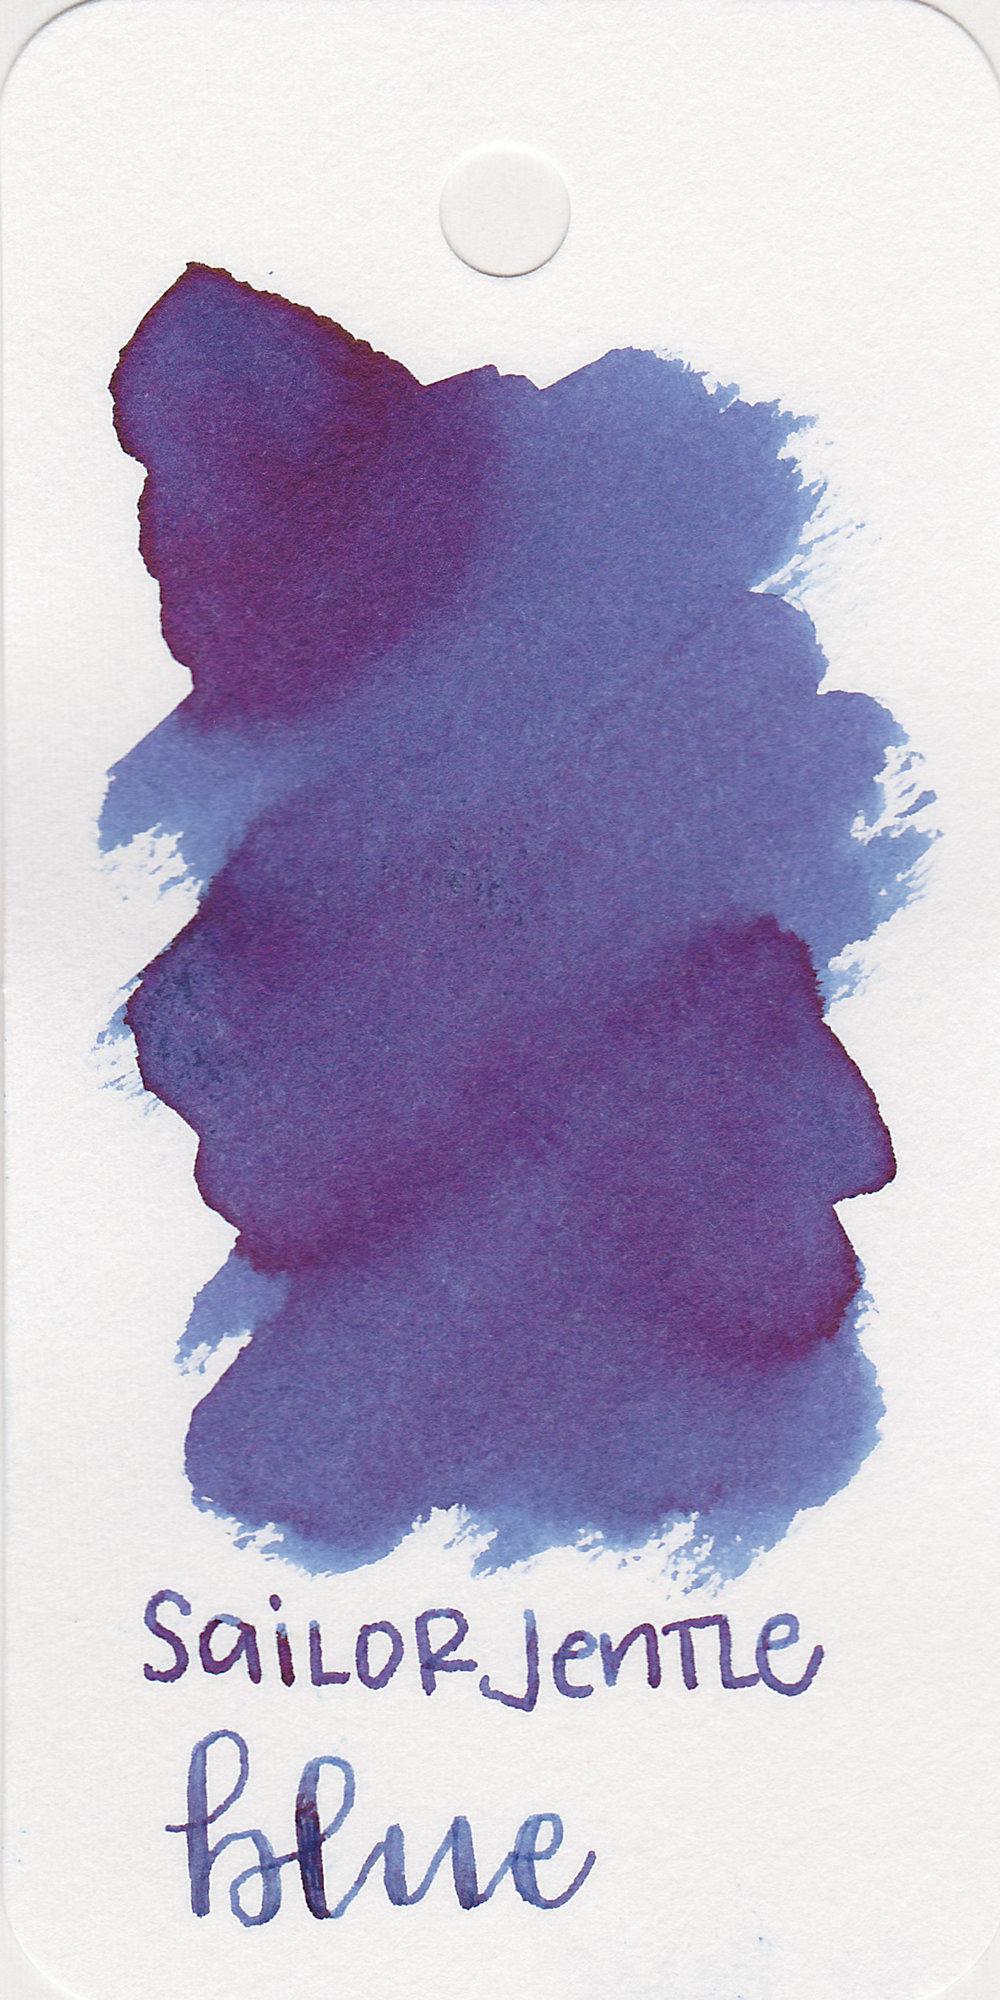 sj-blue-1.jpg